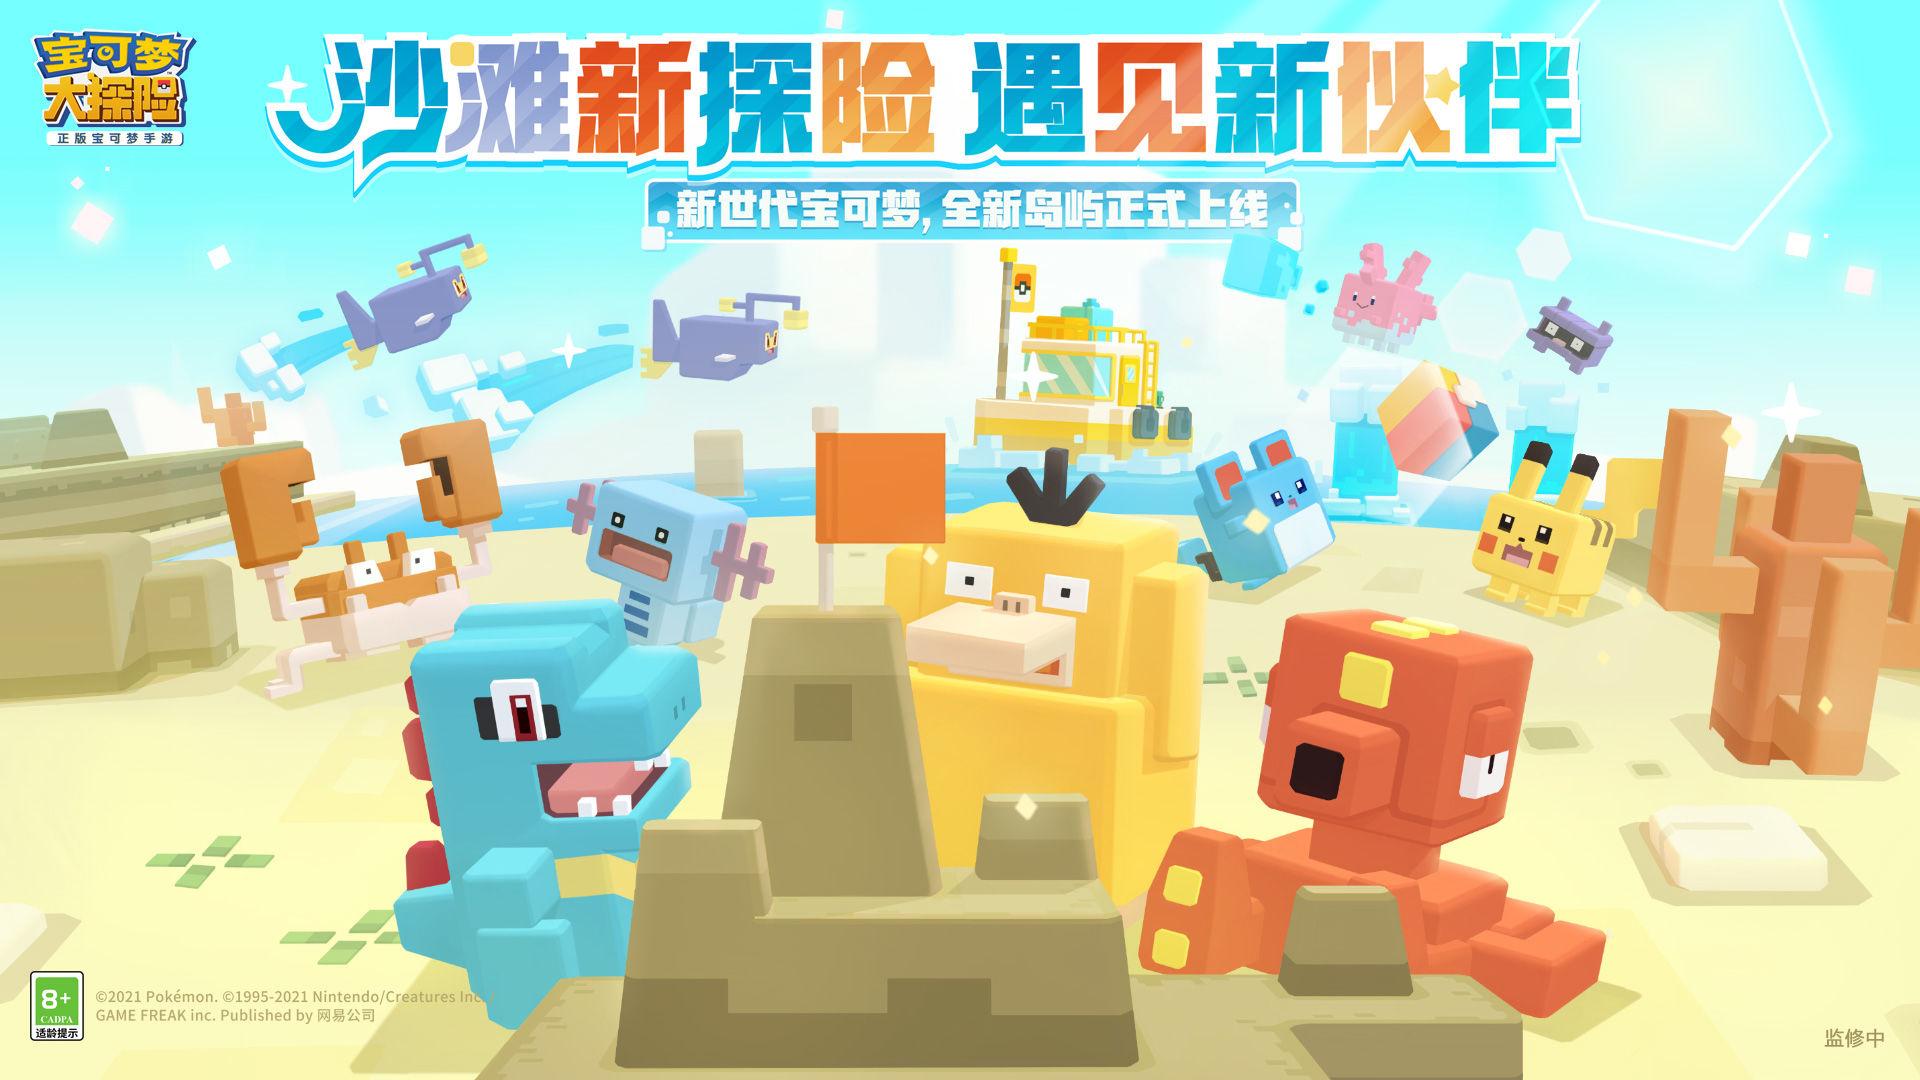 宝可梦大探险电脑版怎么玩 宝可梦大探险ios模拟器玩法介绍